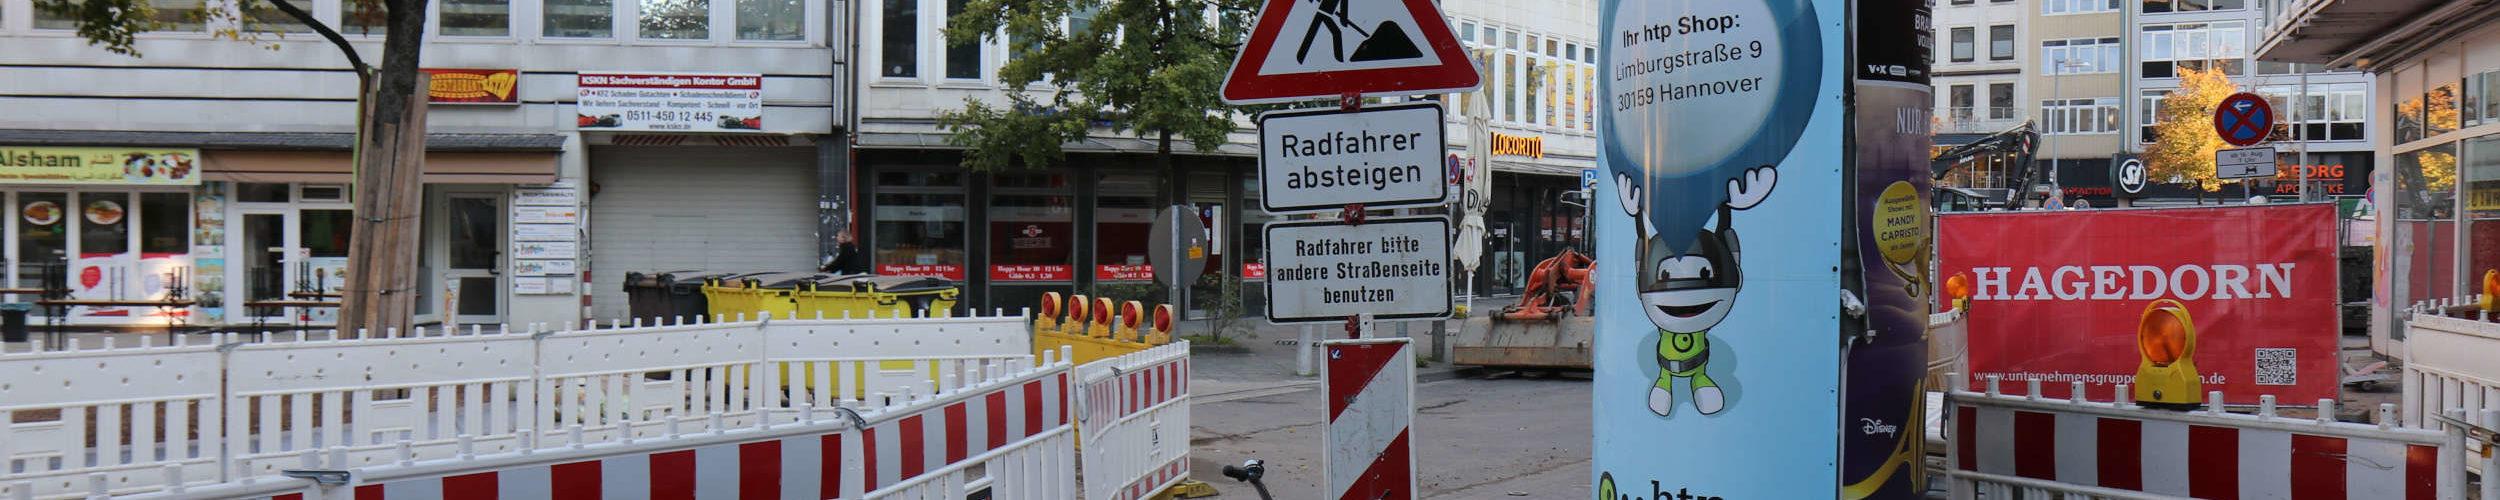 Verkehrswende? So jedenfalls eher nicht...